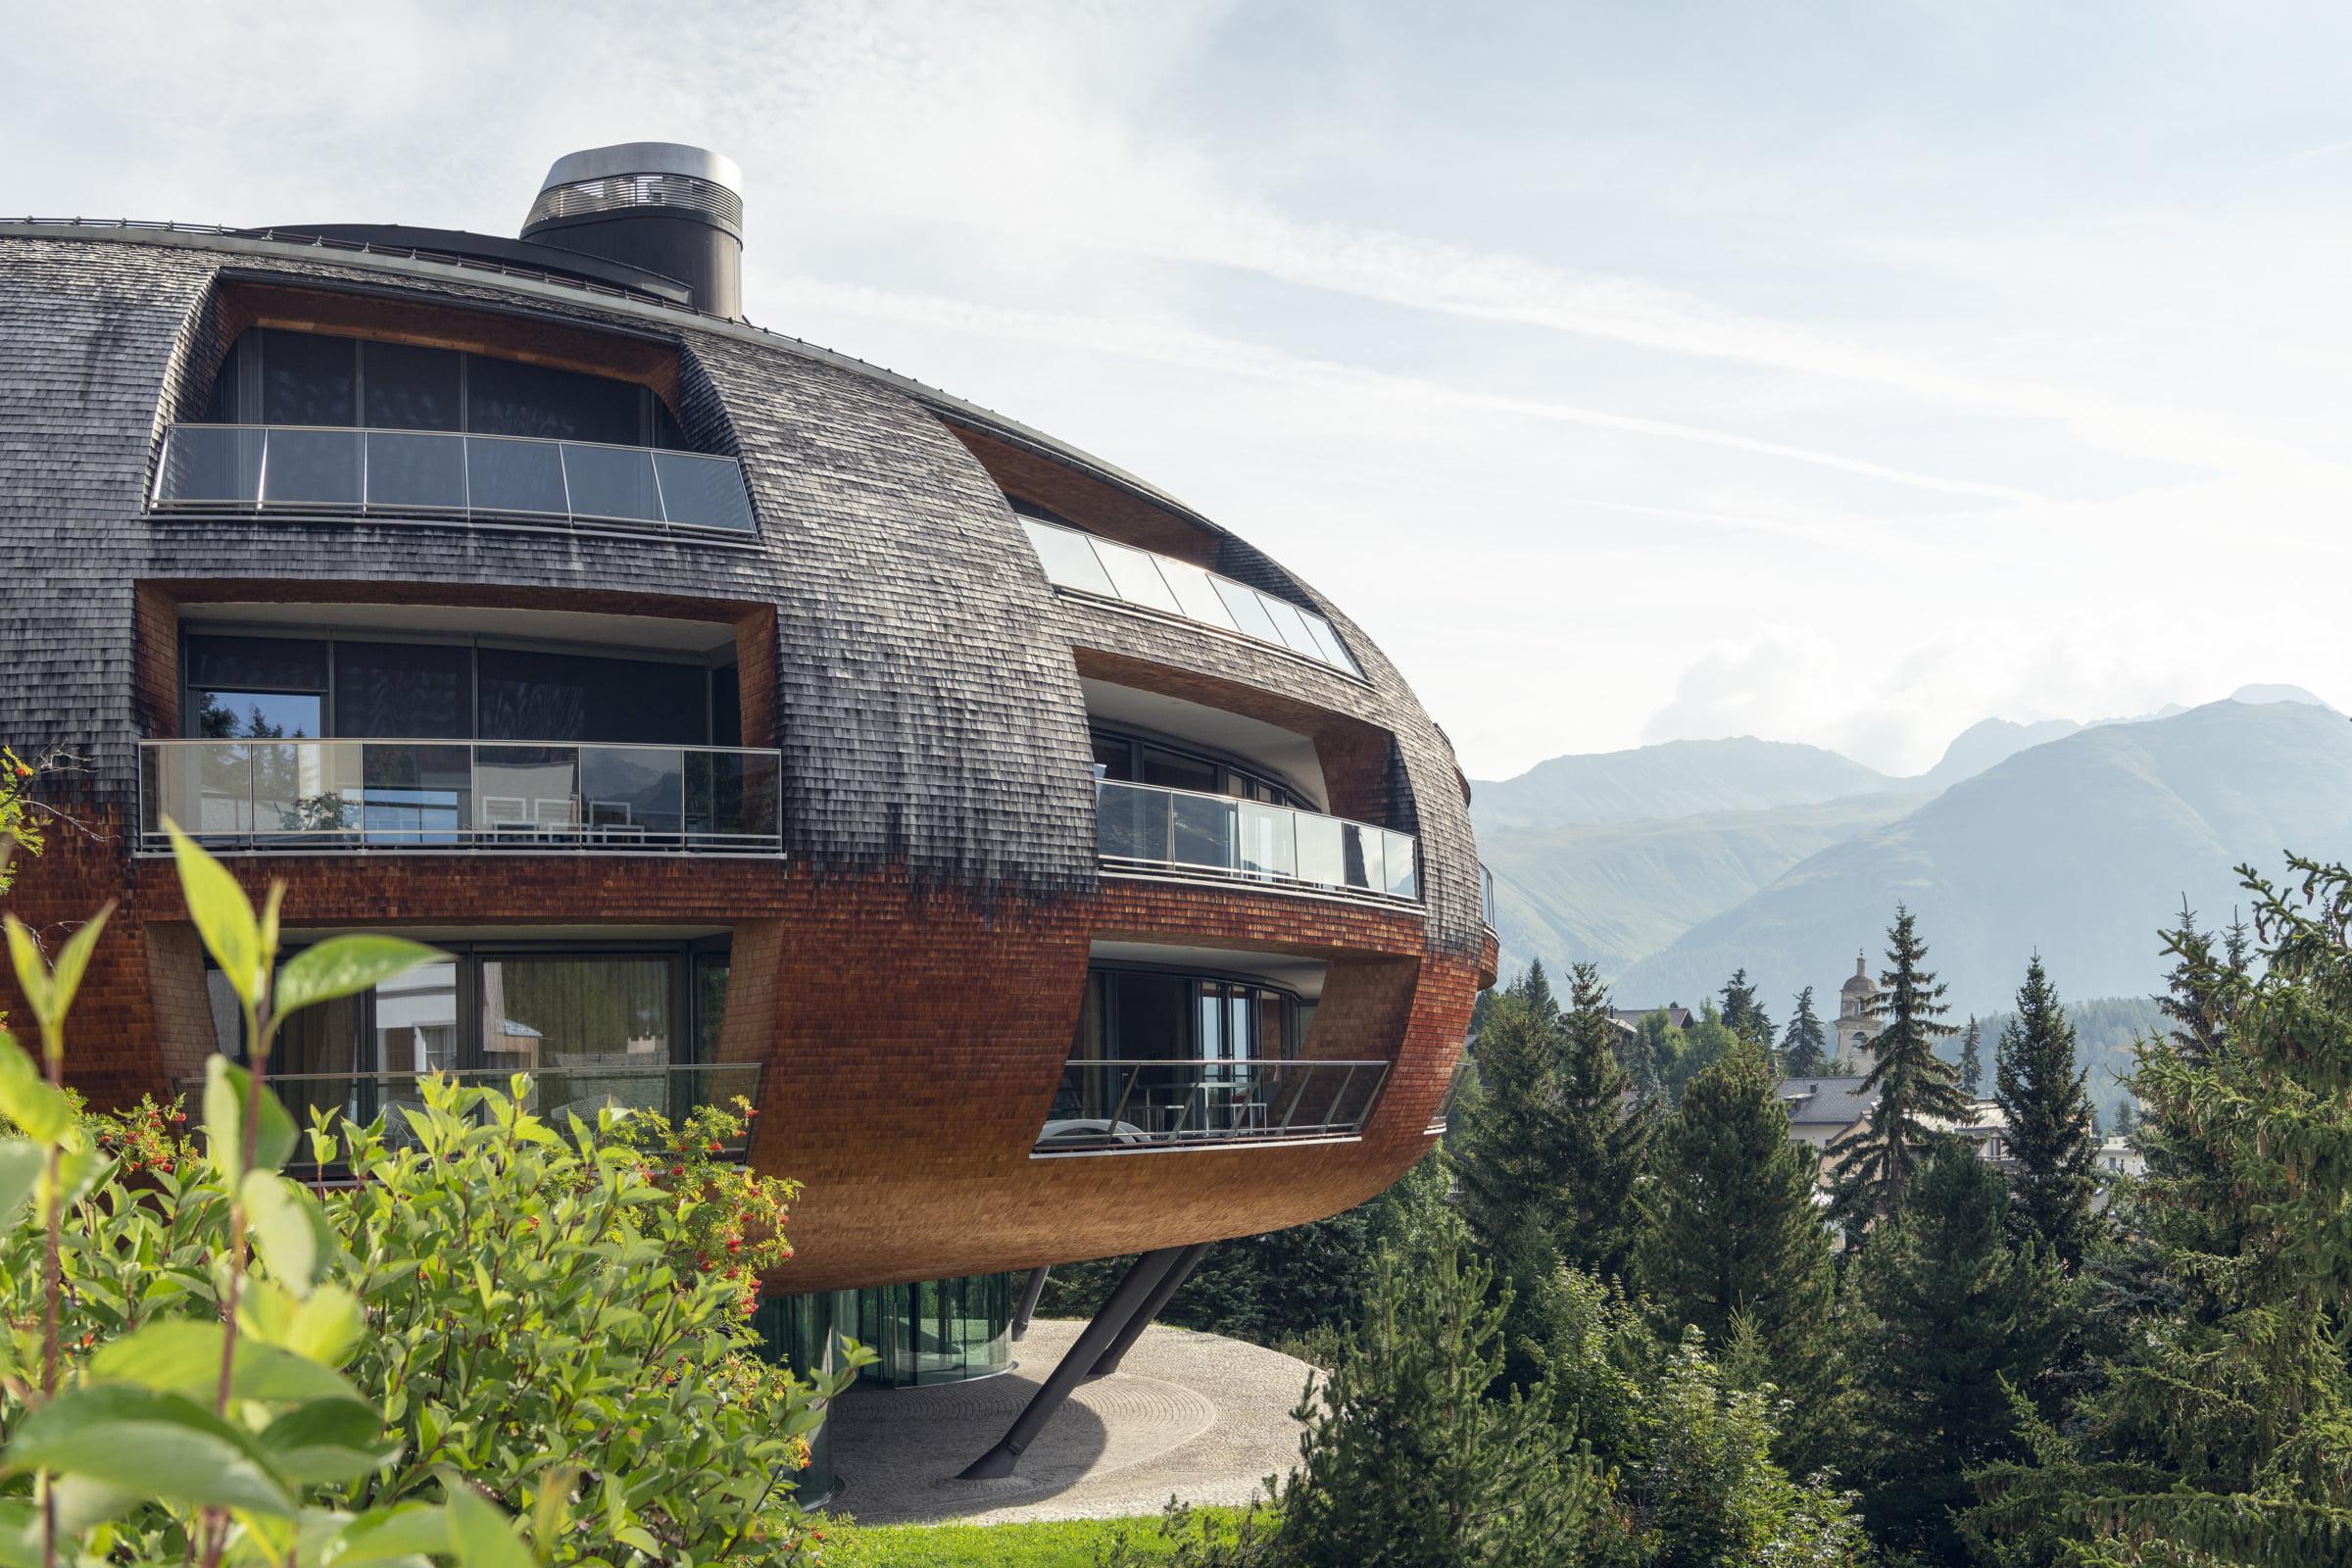 Chesa Futura - Das Haus der Zukunft